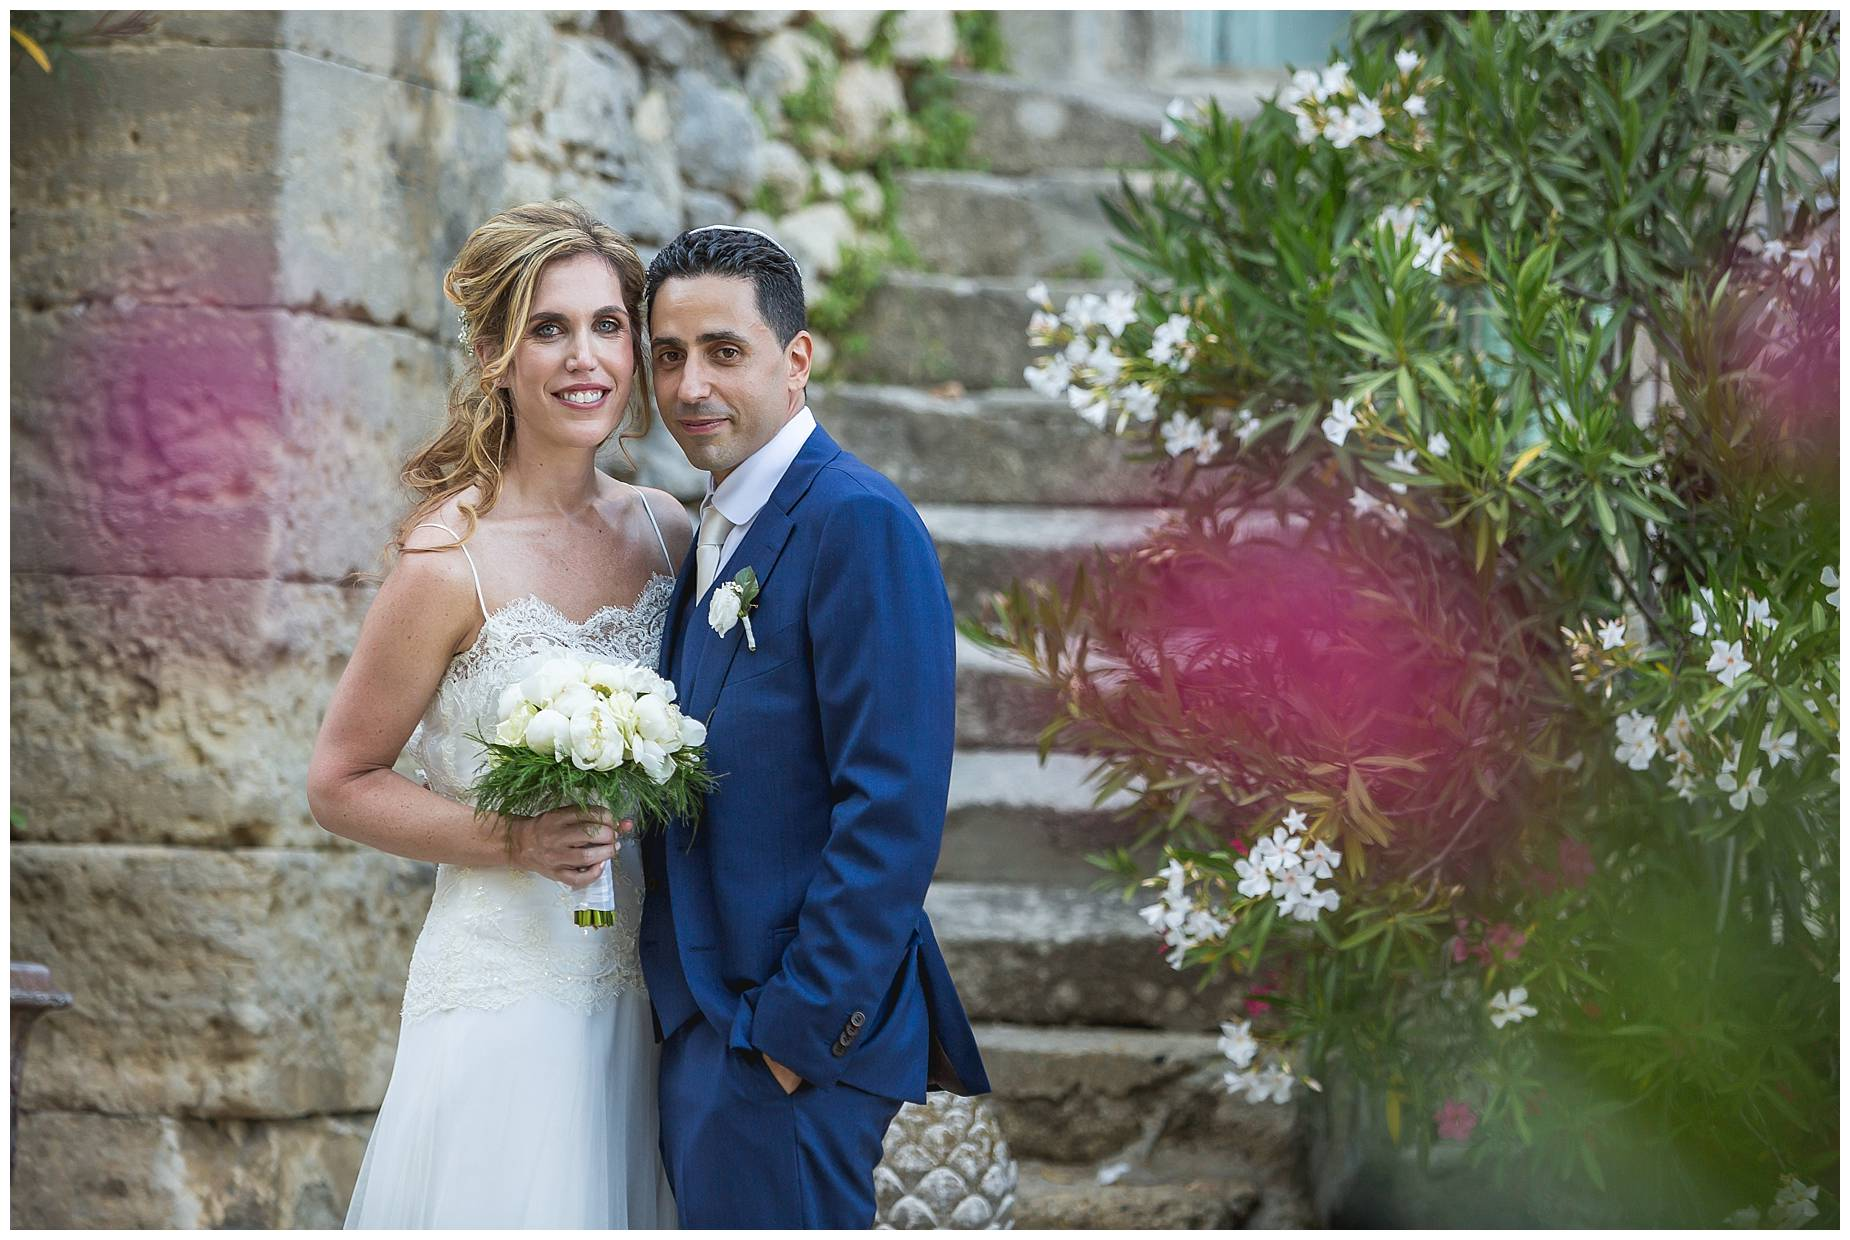 Chateau de Pouget wedding photographer